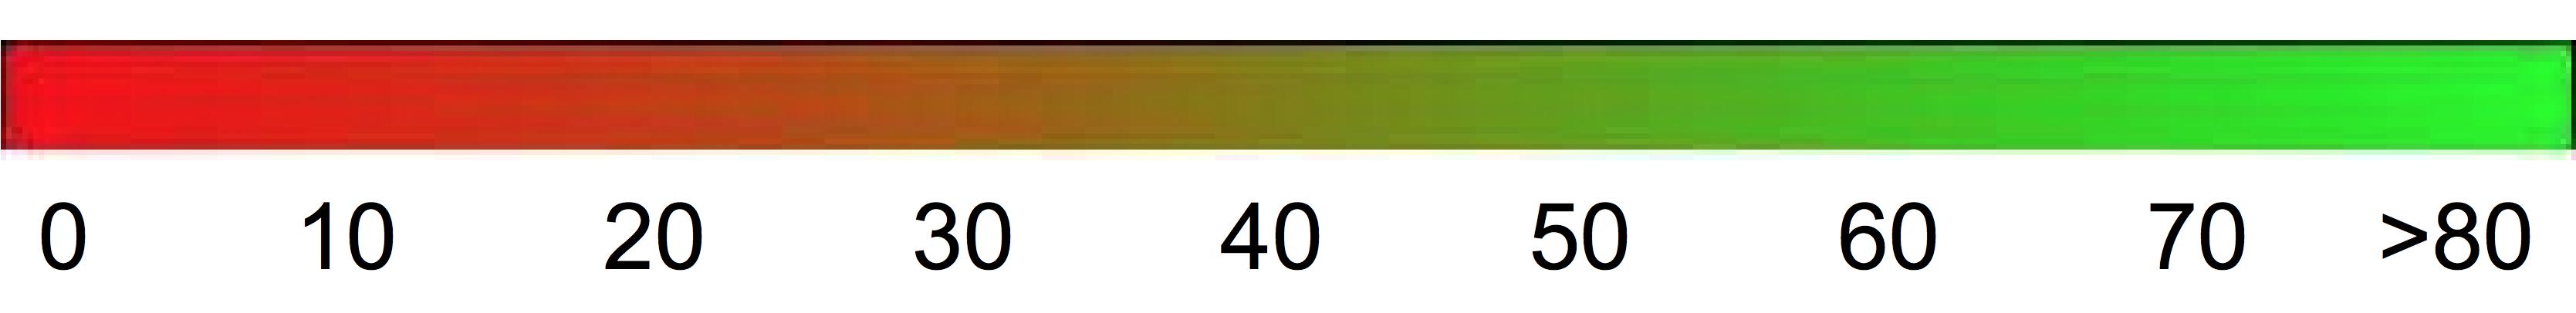 Interpretabilidad general de la escala